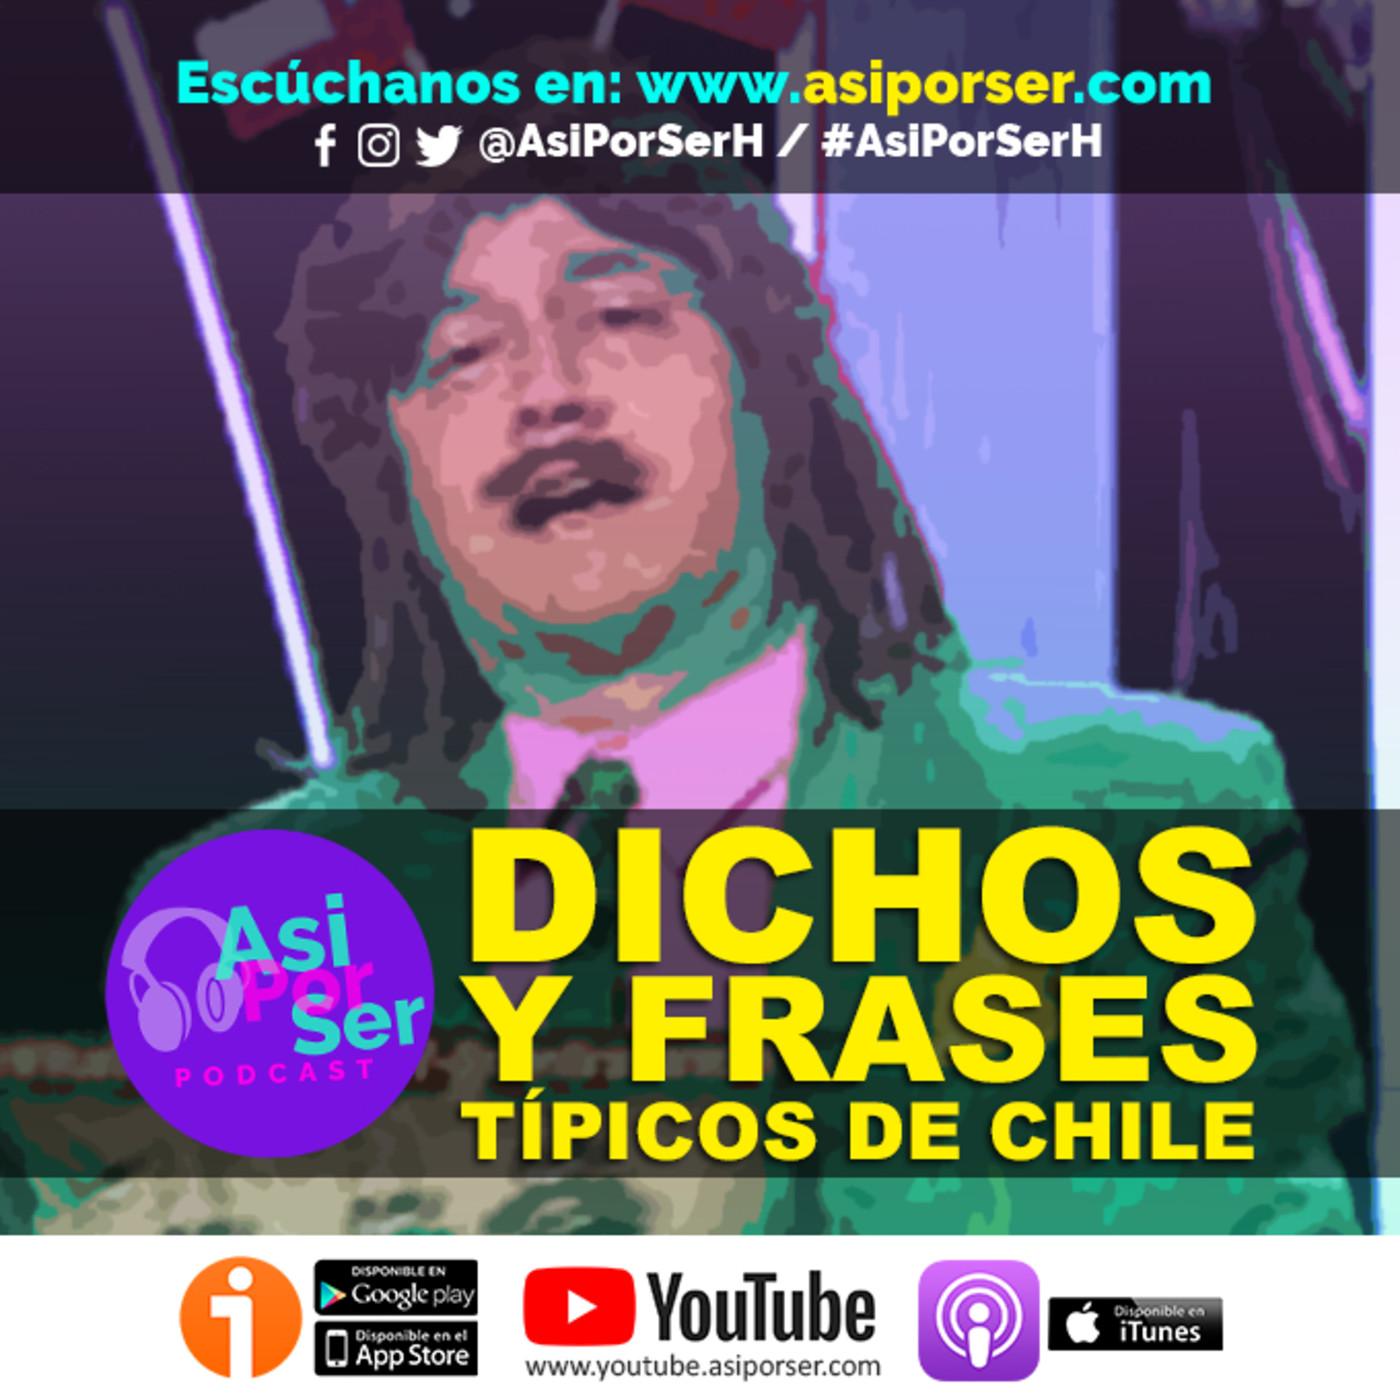 Dichos Y Frases Chilenos Asiporserh At Asiporserh En Asi